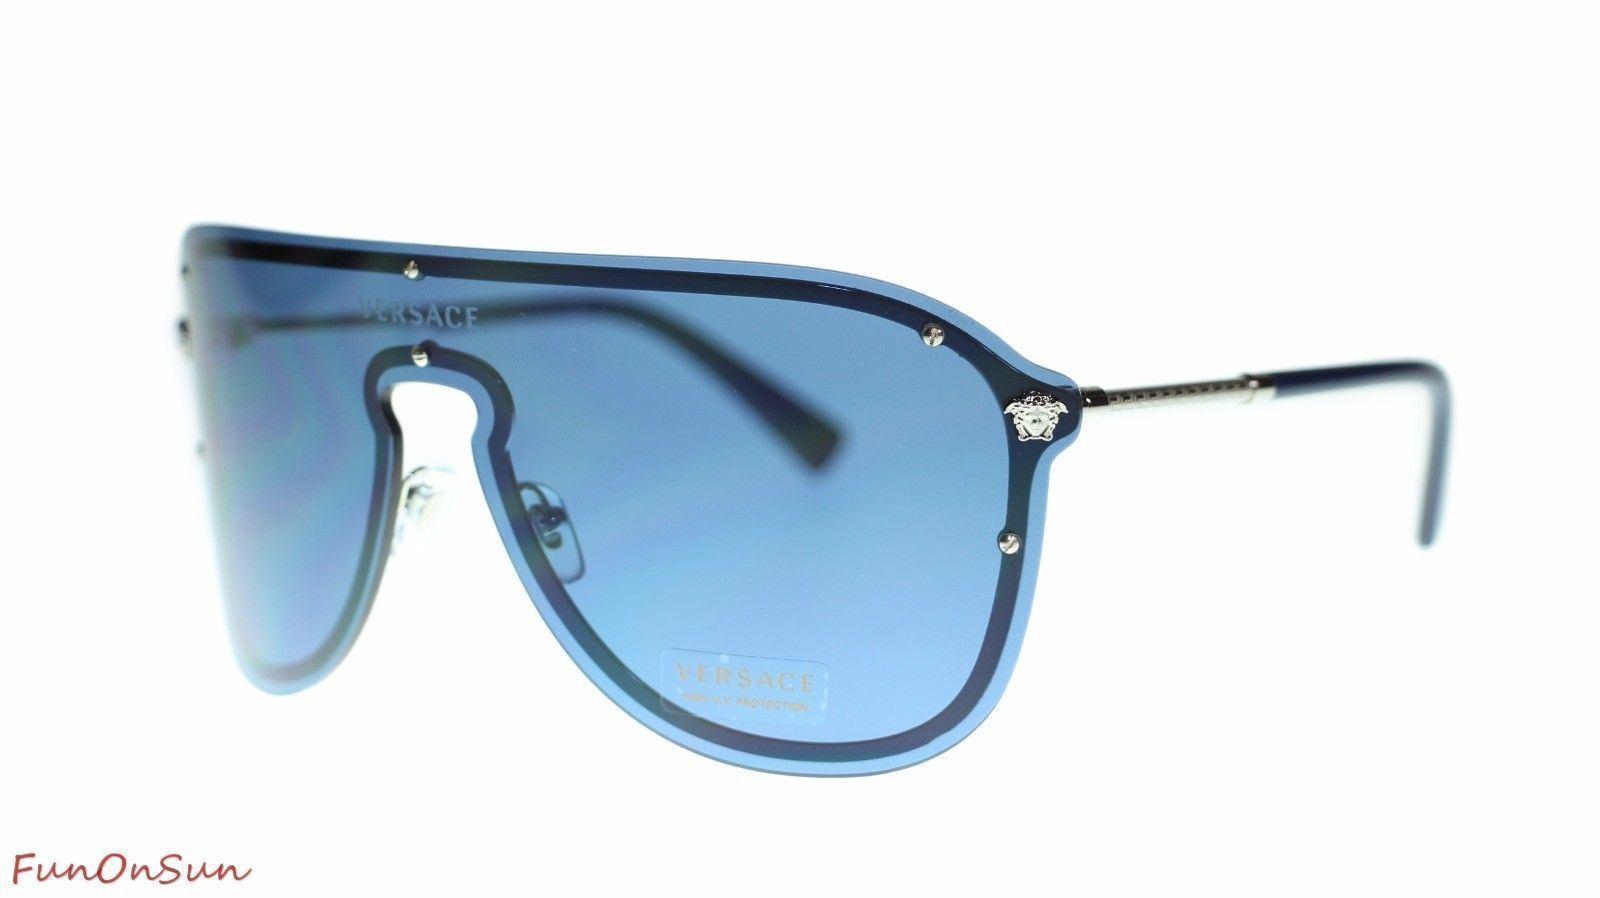 34fadf0463 Versace Pilot Women Sunglasses VE2180 100080 Silver Blue Authentic 44mm